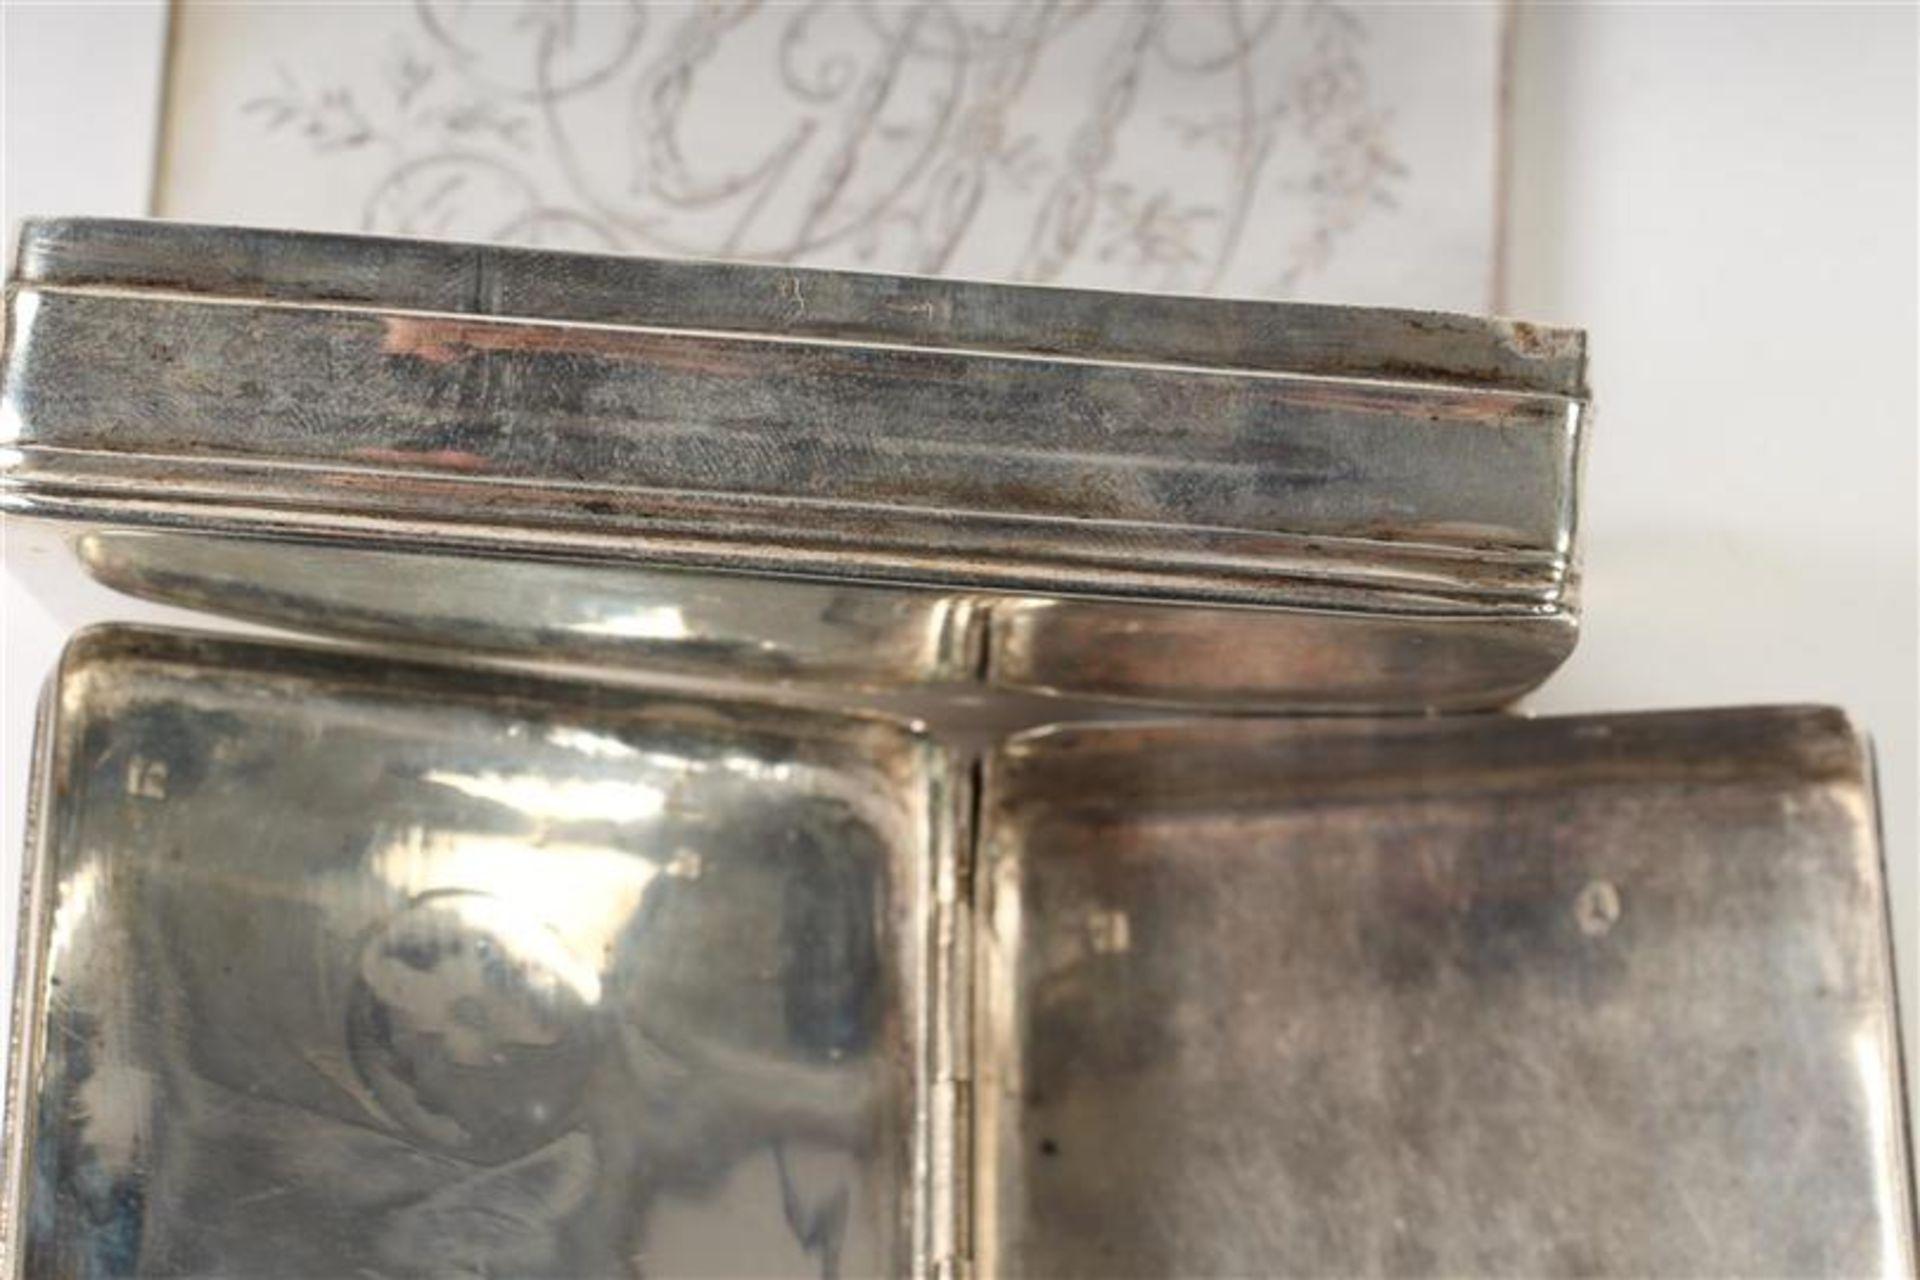 Twee zilveren tabaksdozen, Hollands gekeurd. HxBxD: 7 x 12.5 x 2.5 en 7 x 11.3 x 2.3 cm. - Bild 5 aus 5